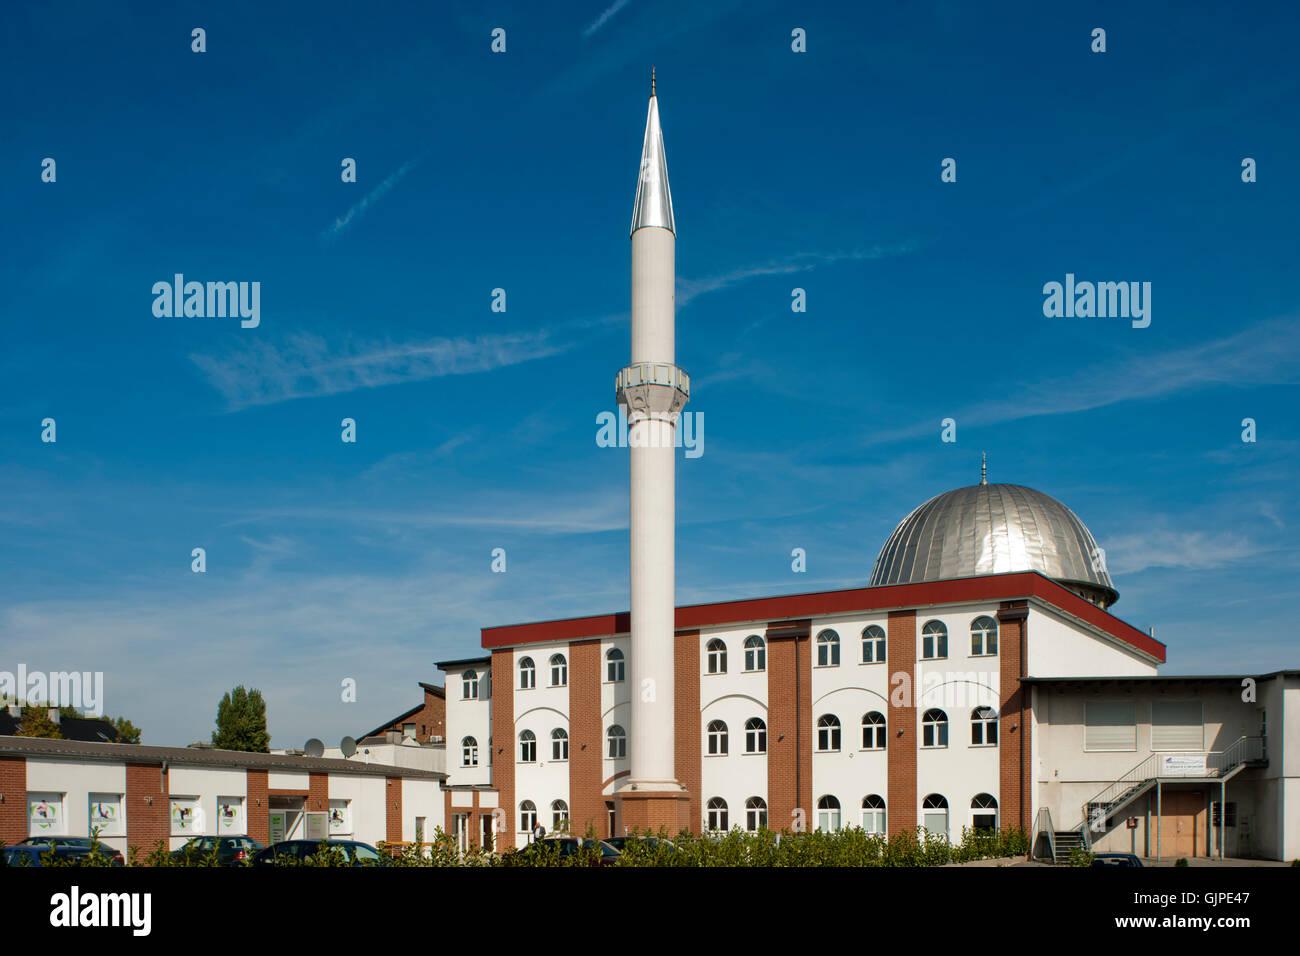 Deutschland, Nordrhein-Westfalen, Mühlheim an der Ruhr, Fatih-Moschee - Stock Image